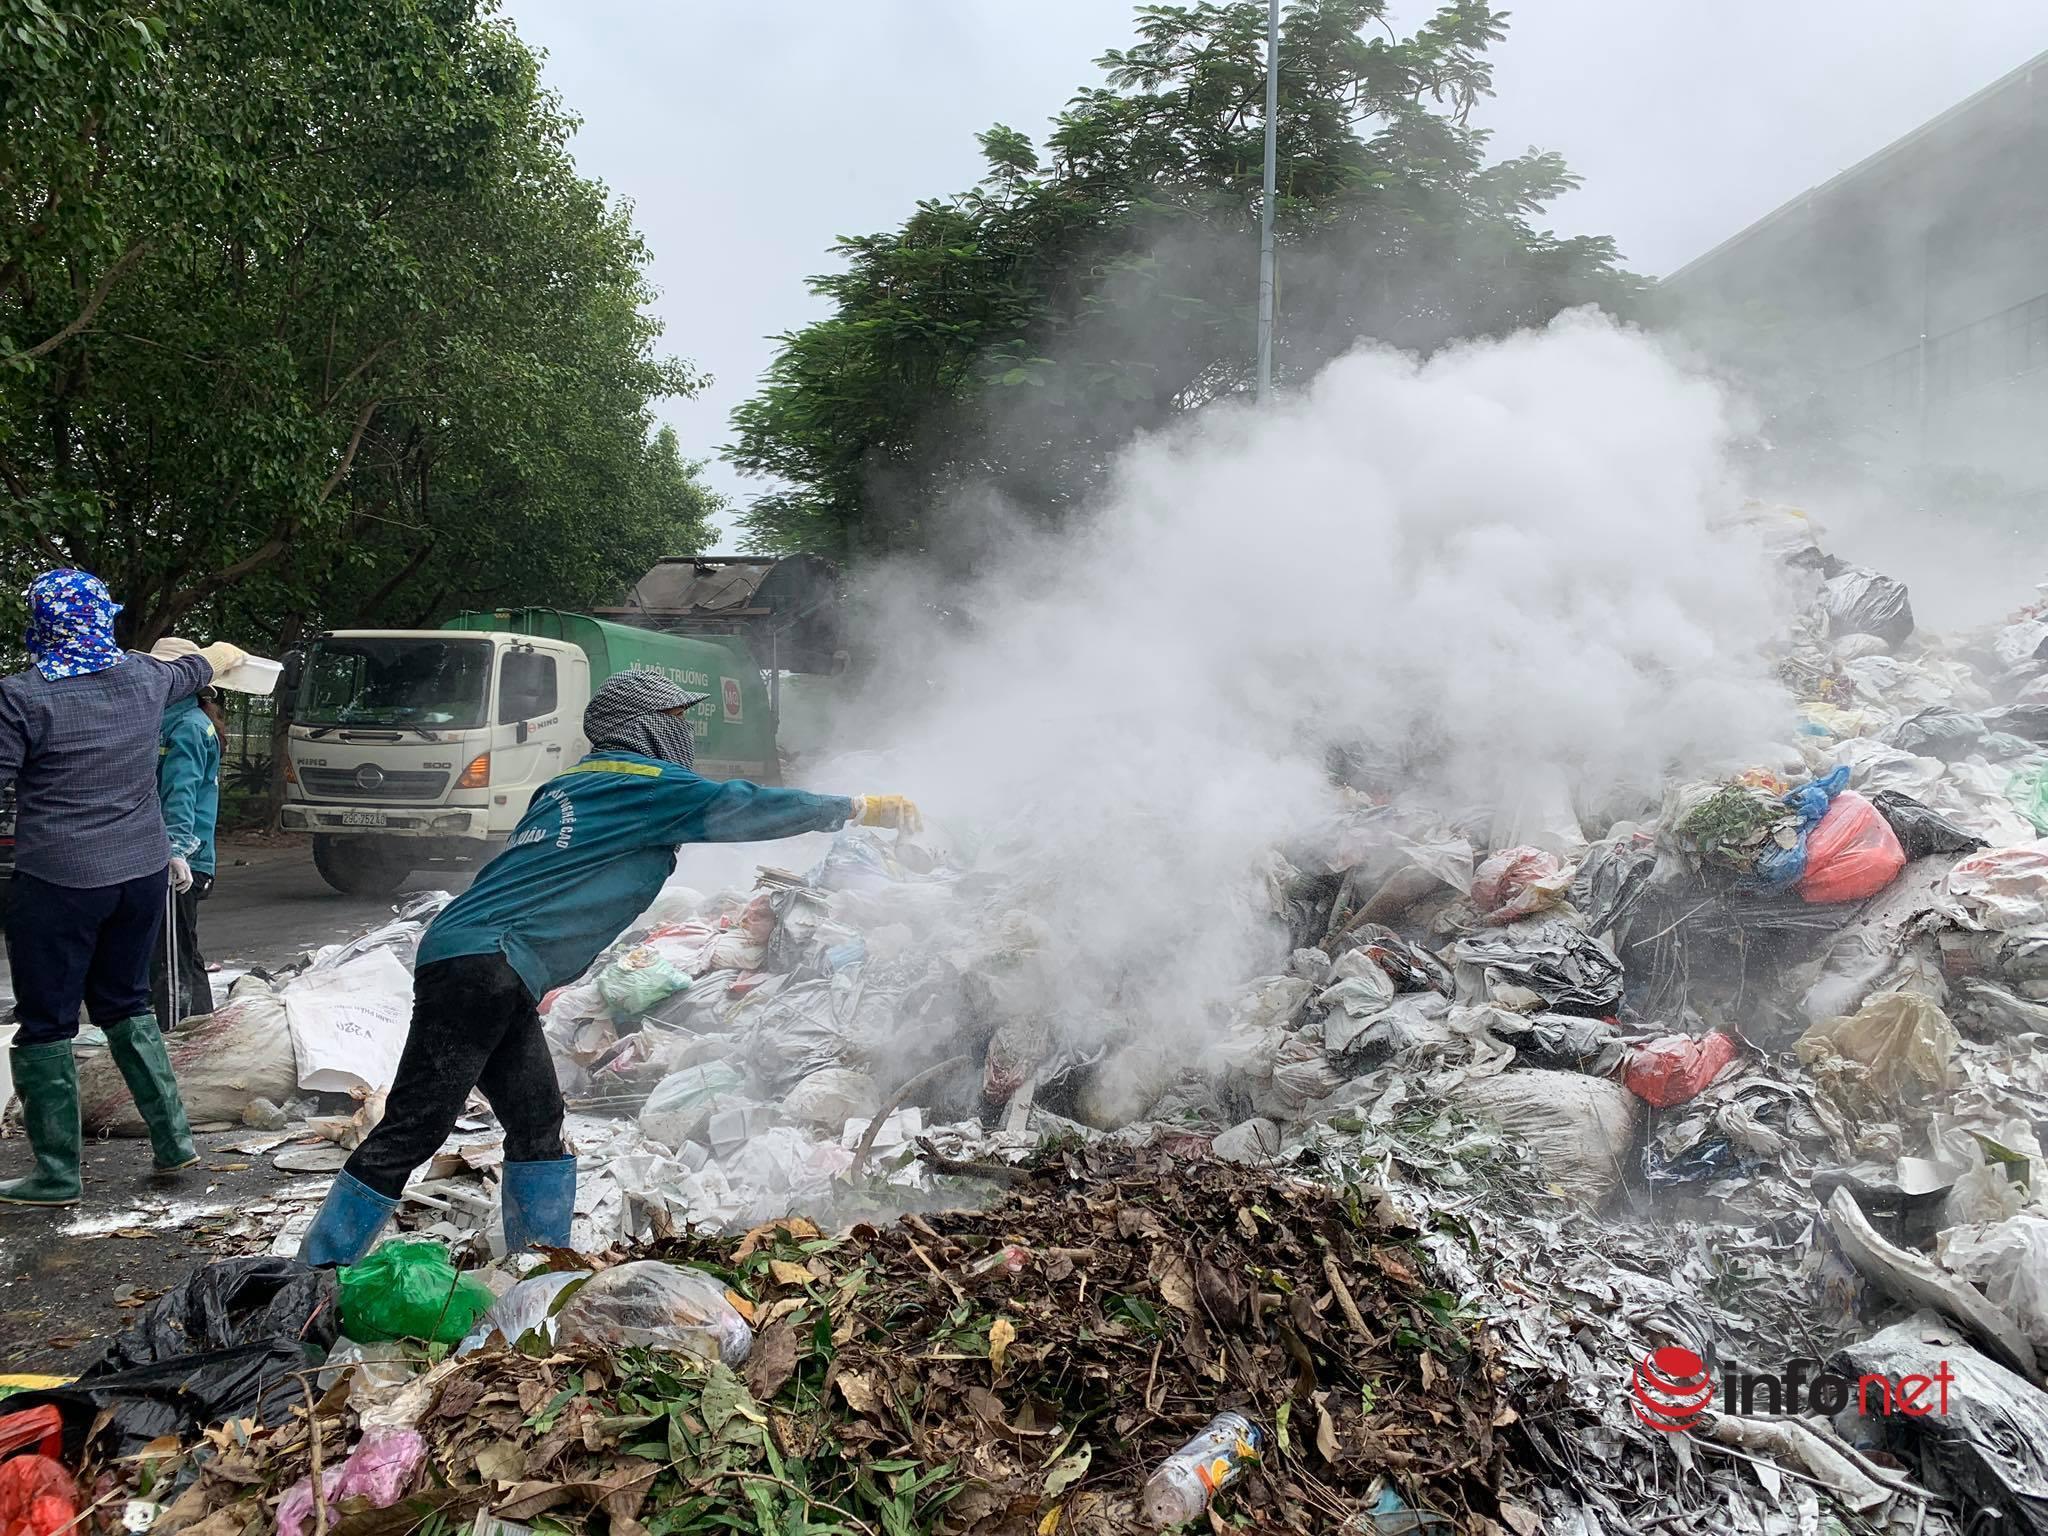 Đề xuất xử lí miễn phí mùi của bãi rác Nam Sơn bằng công nghệ Nhật